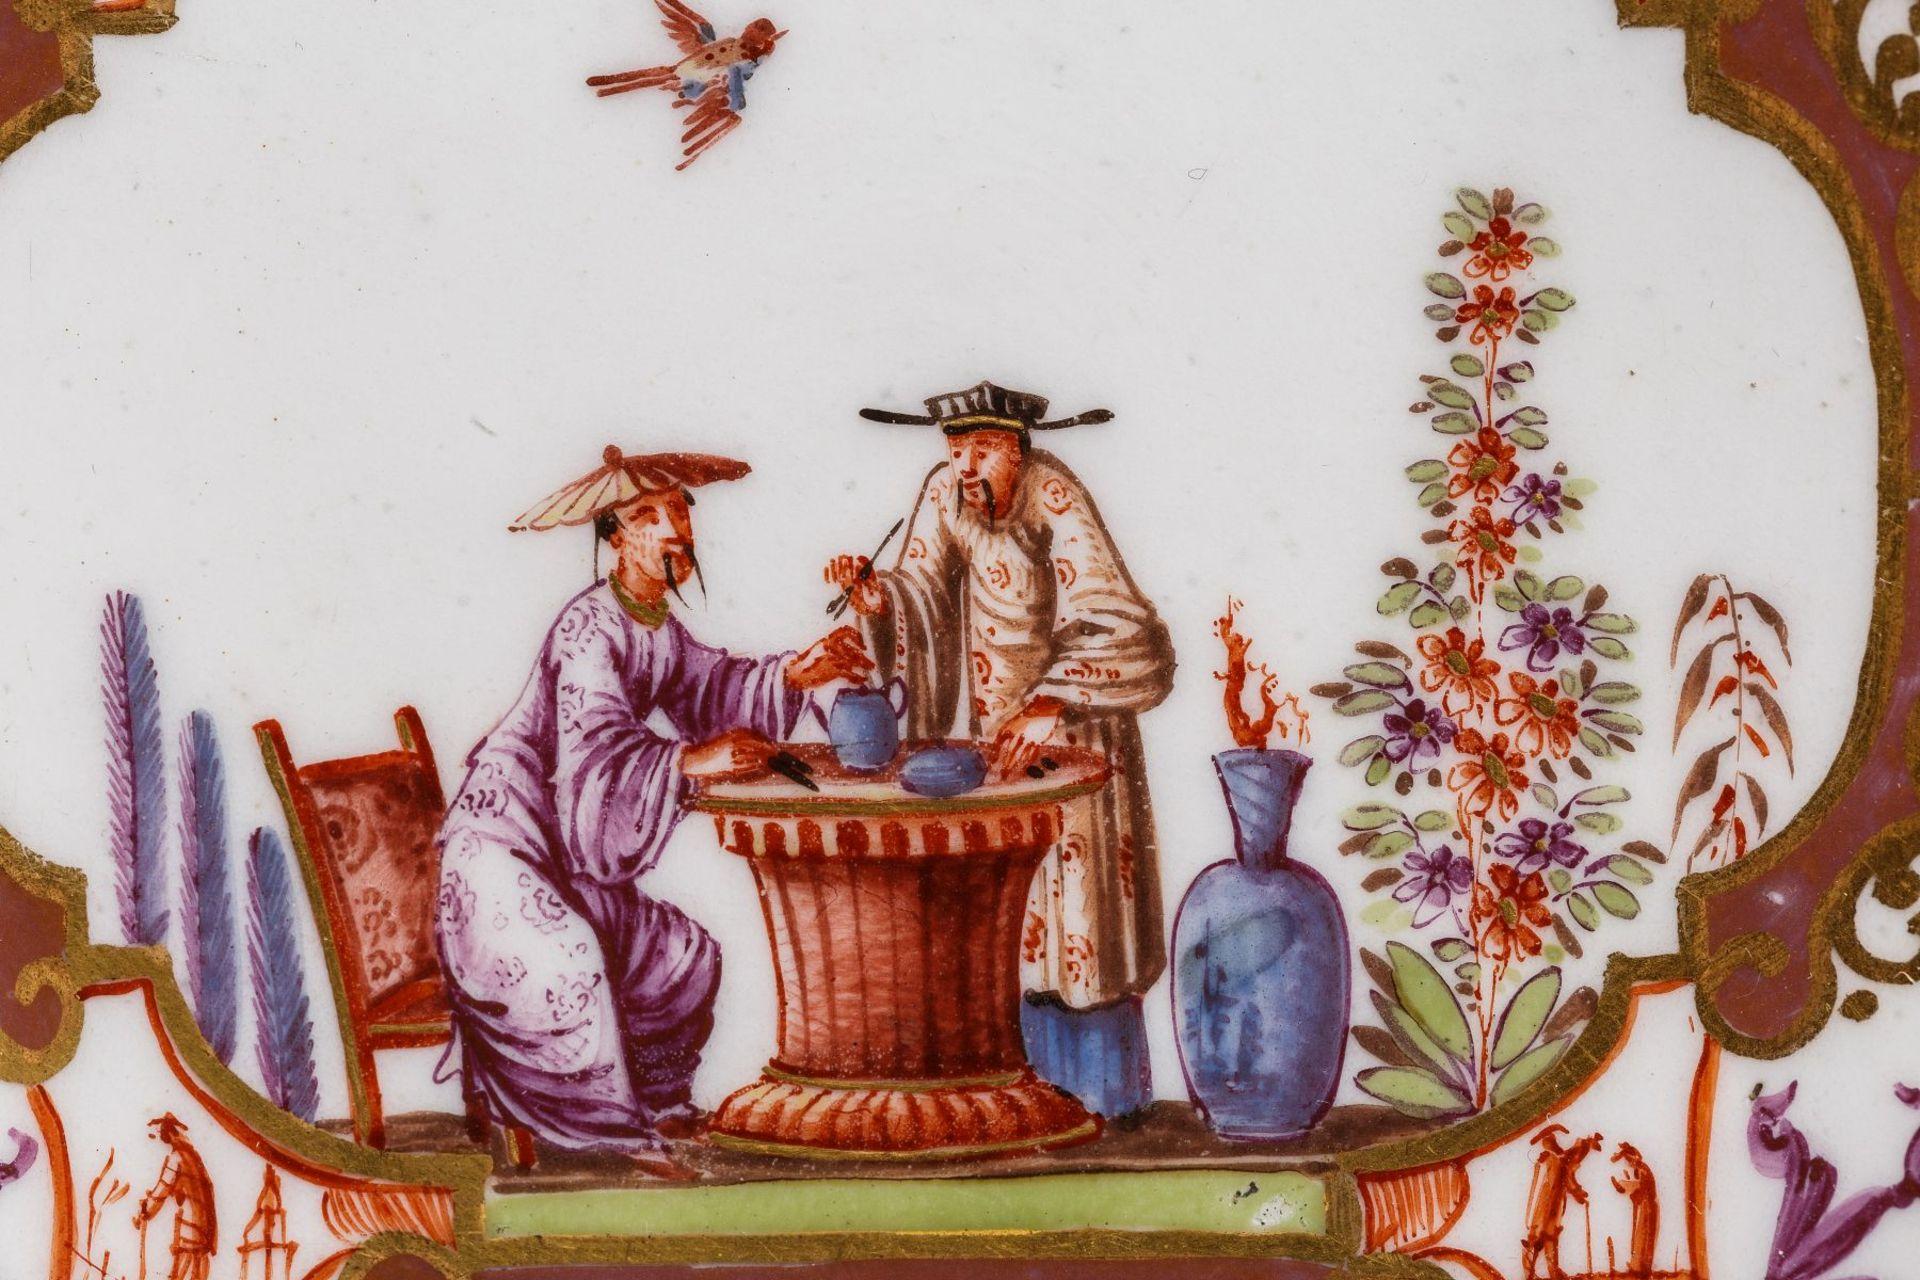 Koppchen mit Unterschale, Meissen 1725 - Bild 2 aus 6